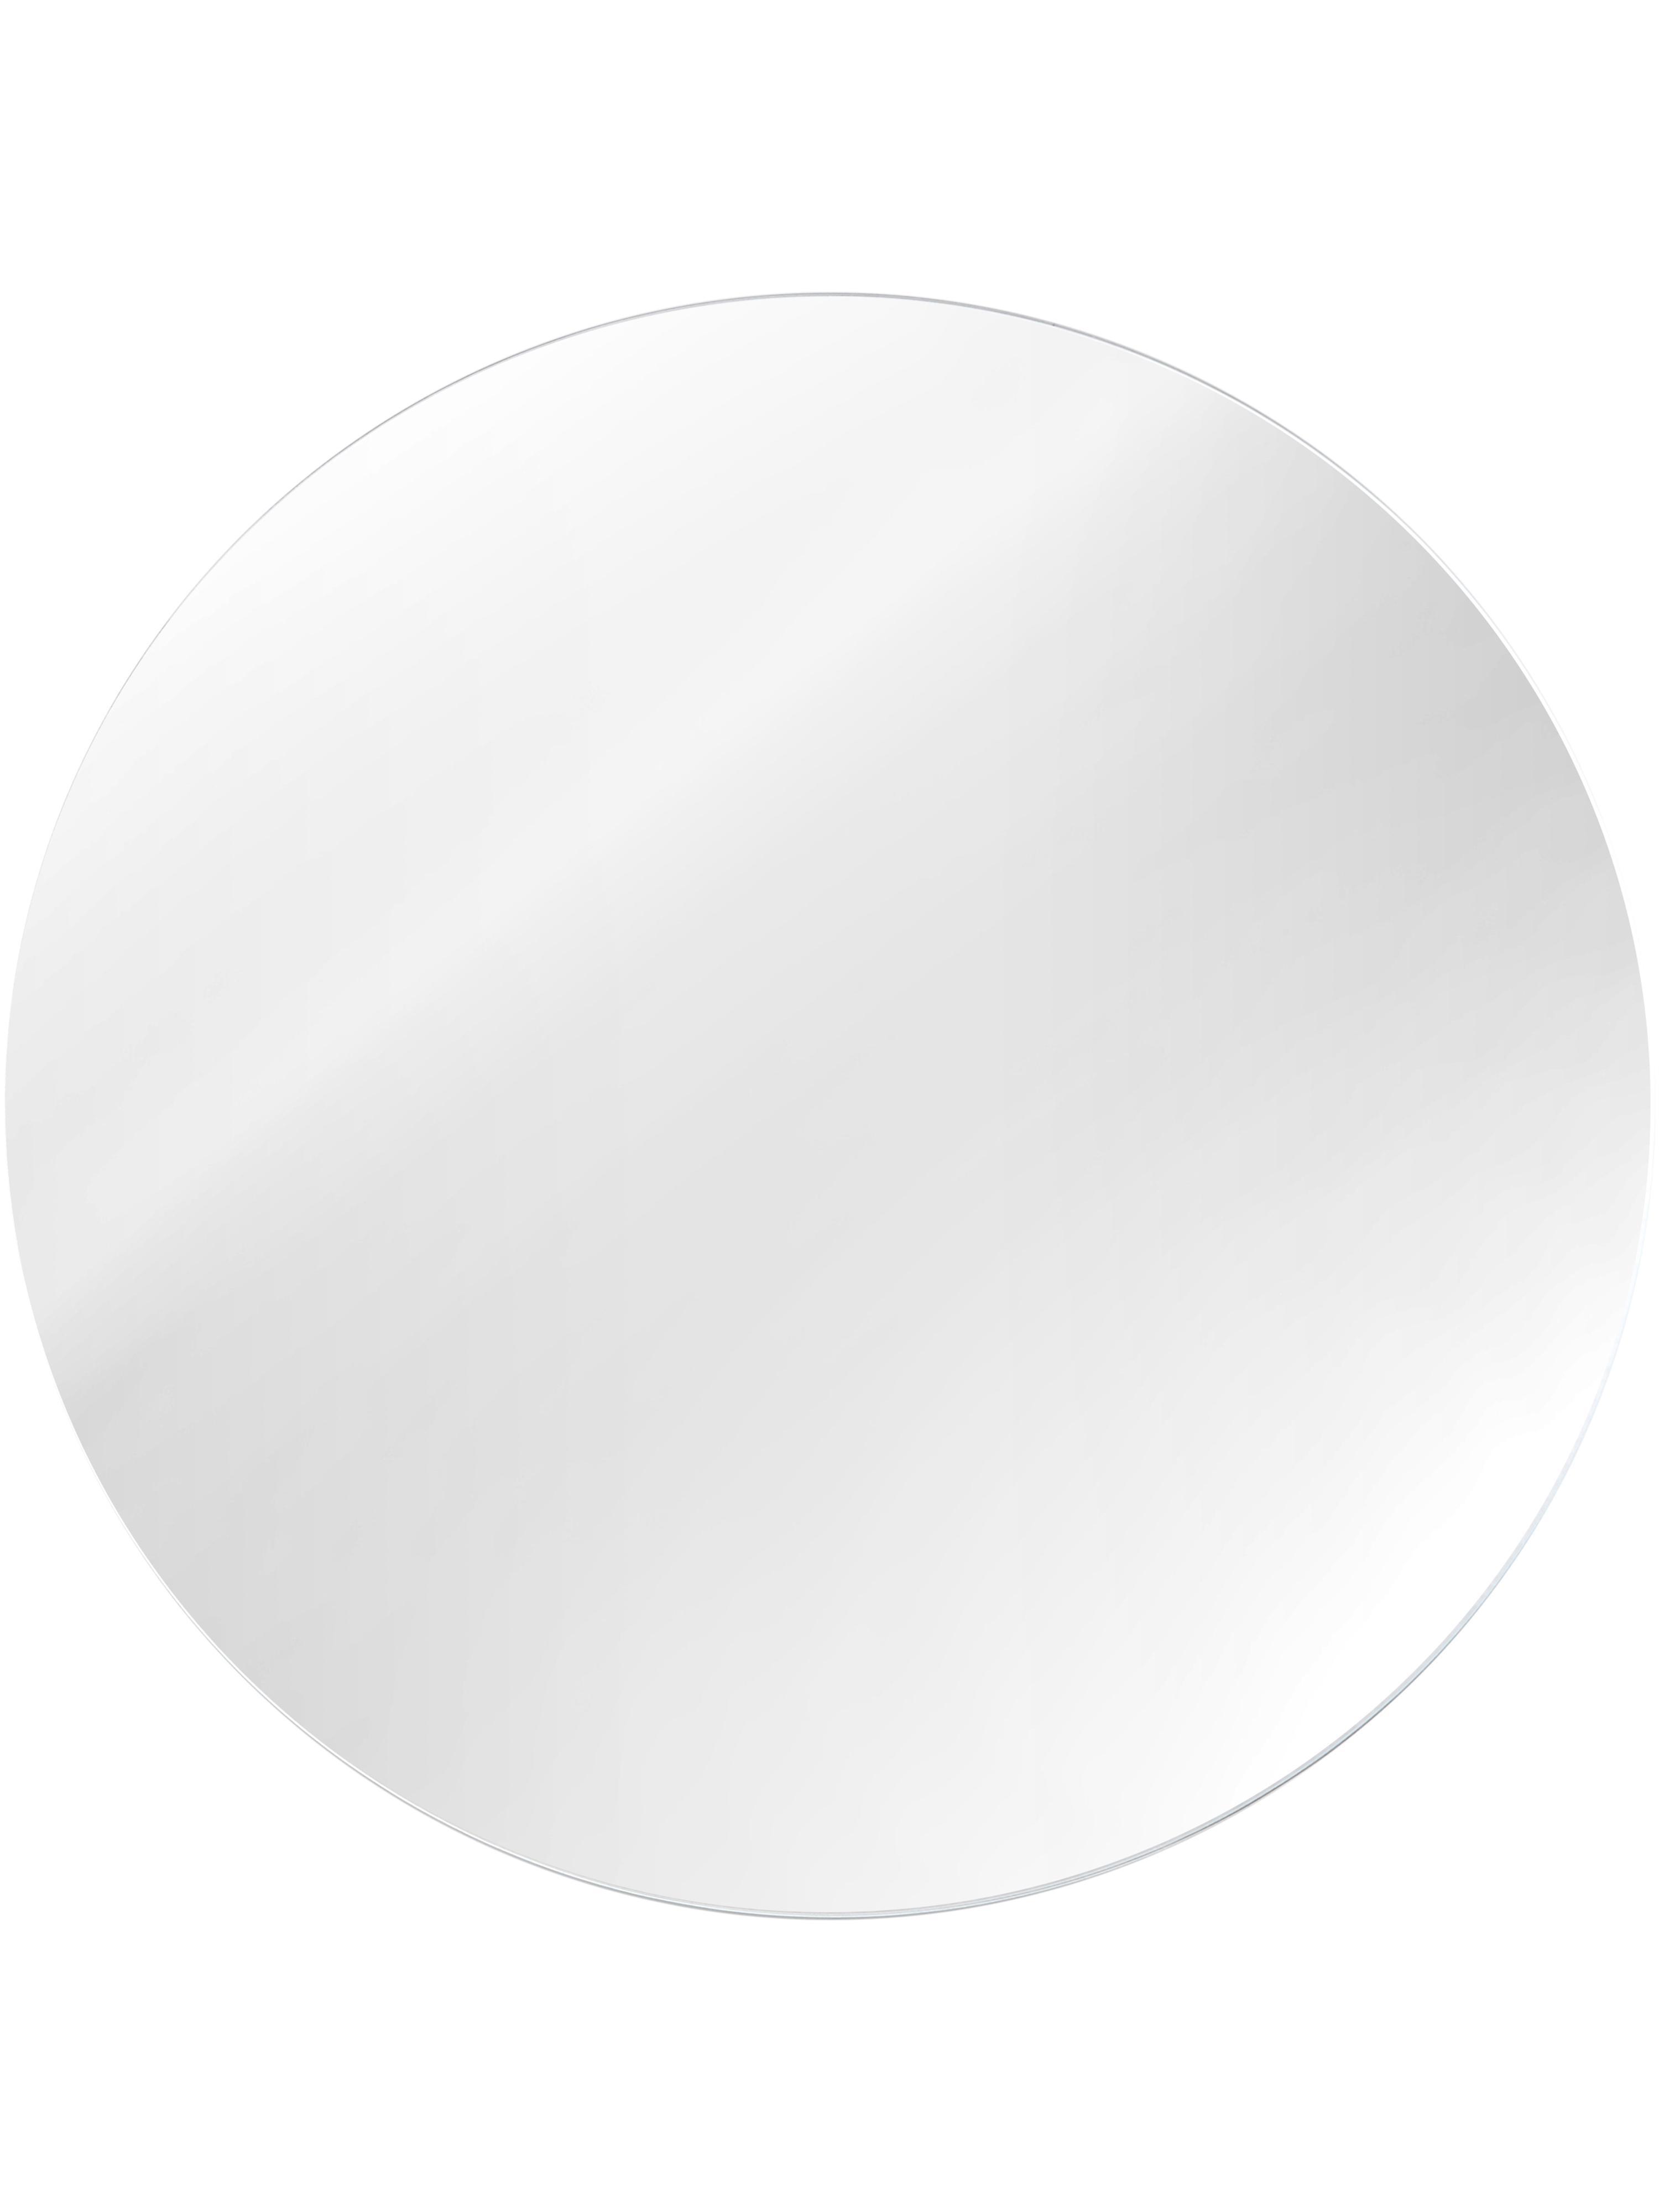 Specchio rotondo da parete senza cornice Erin, Superficie dello specchio: lastra di vetro, Retro: fibra di media densità, Superficie dello specchio: lastra di vetro Bordo esterno dello specchio: nero, ∅ 90 cm